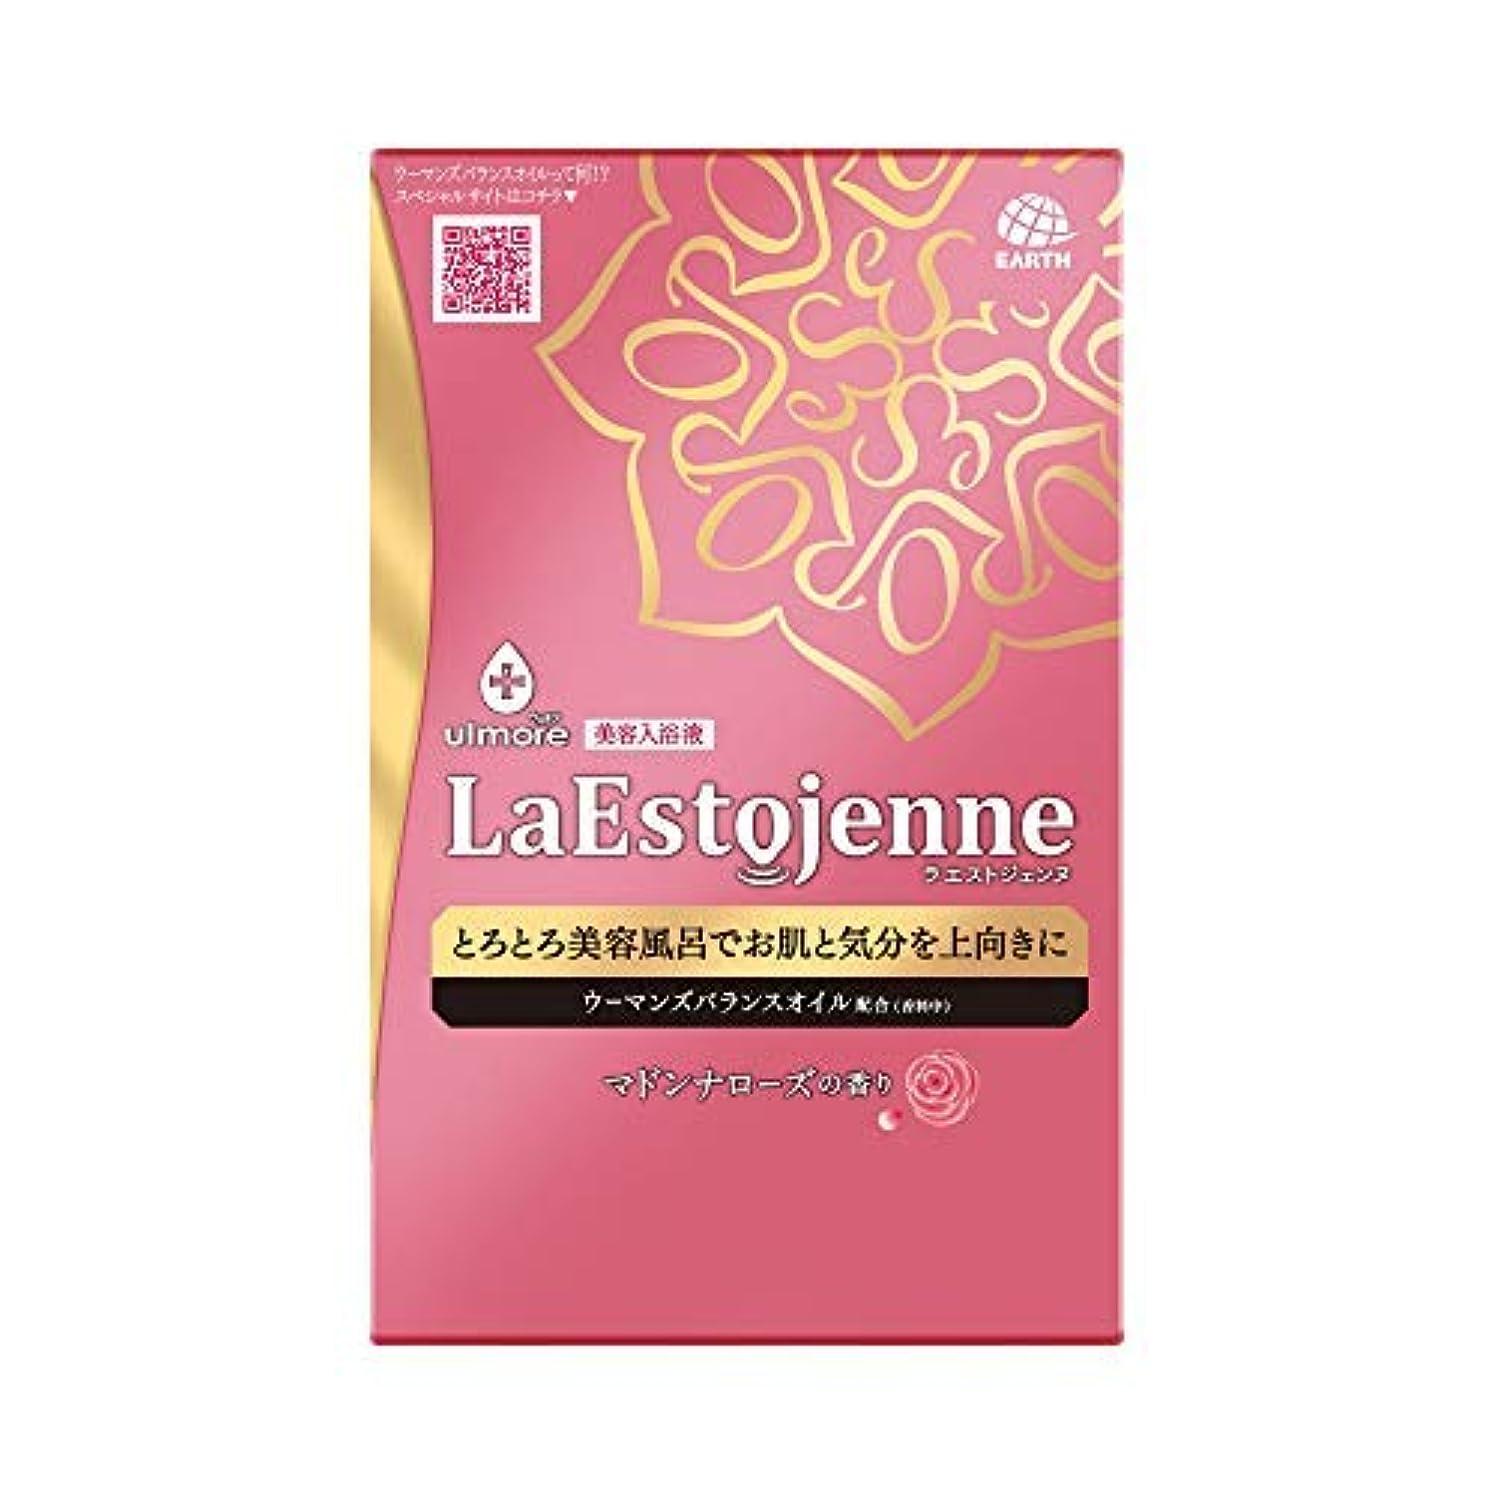 近似音楽を聴く療法ウルモア ラエストジェンヌ マドンナローズの香り 3包入り × 2個セット